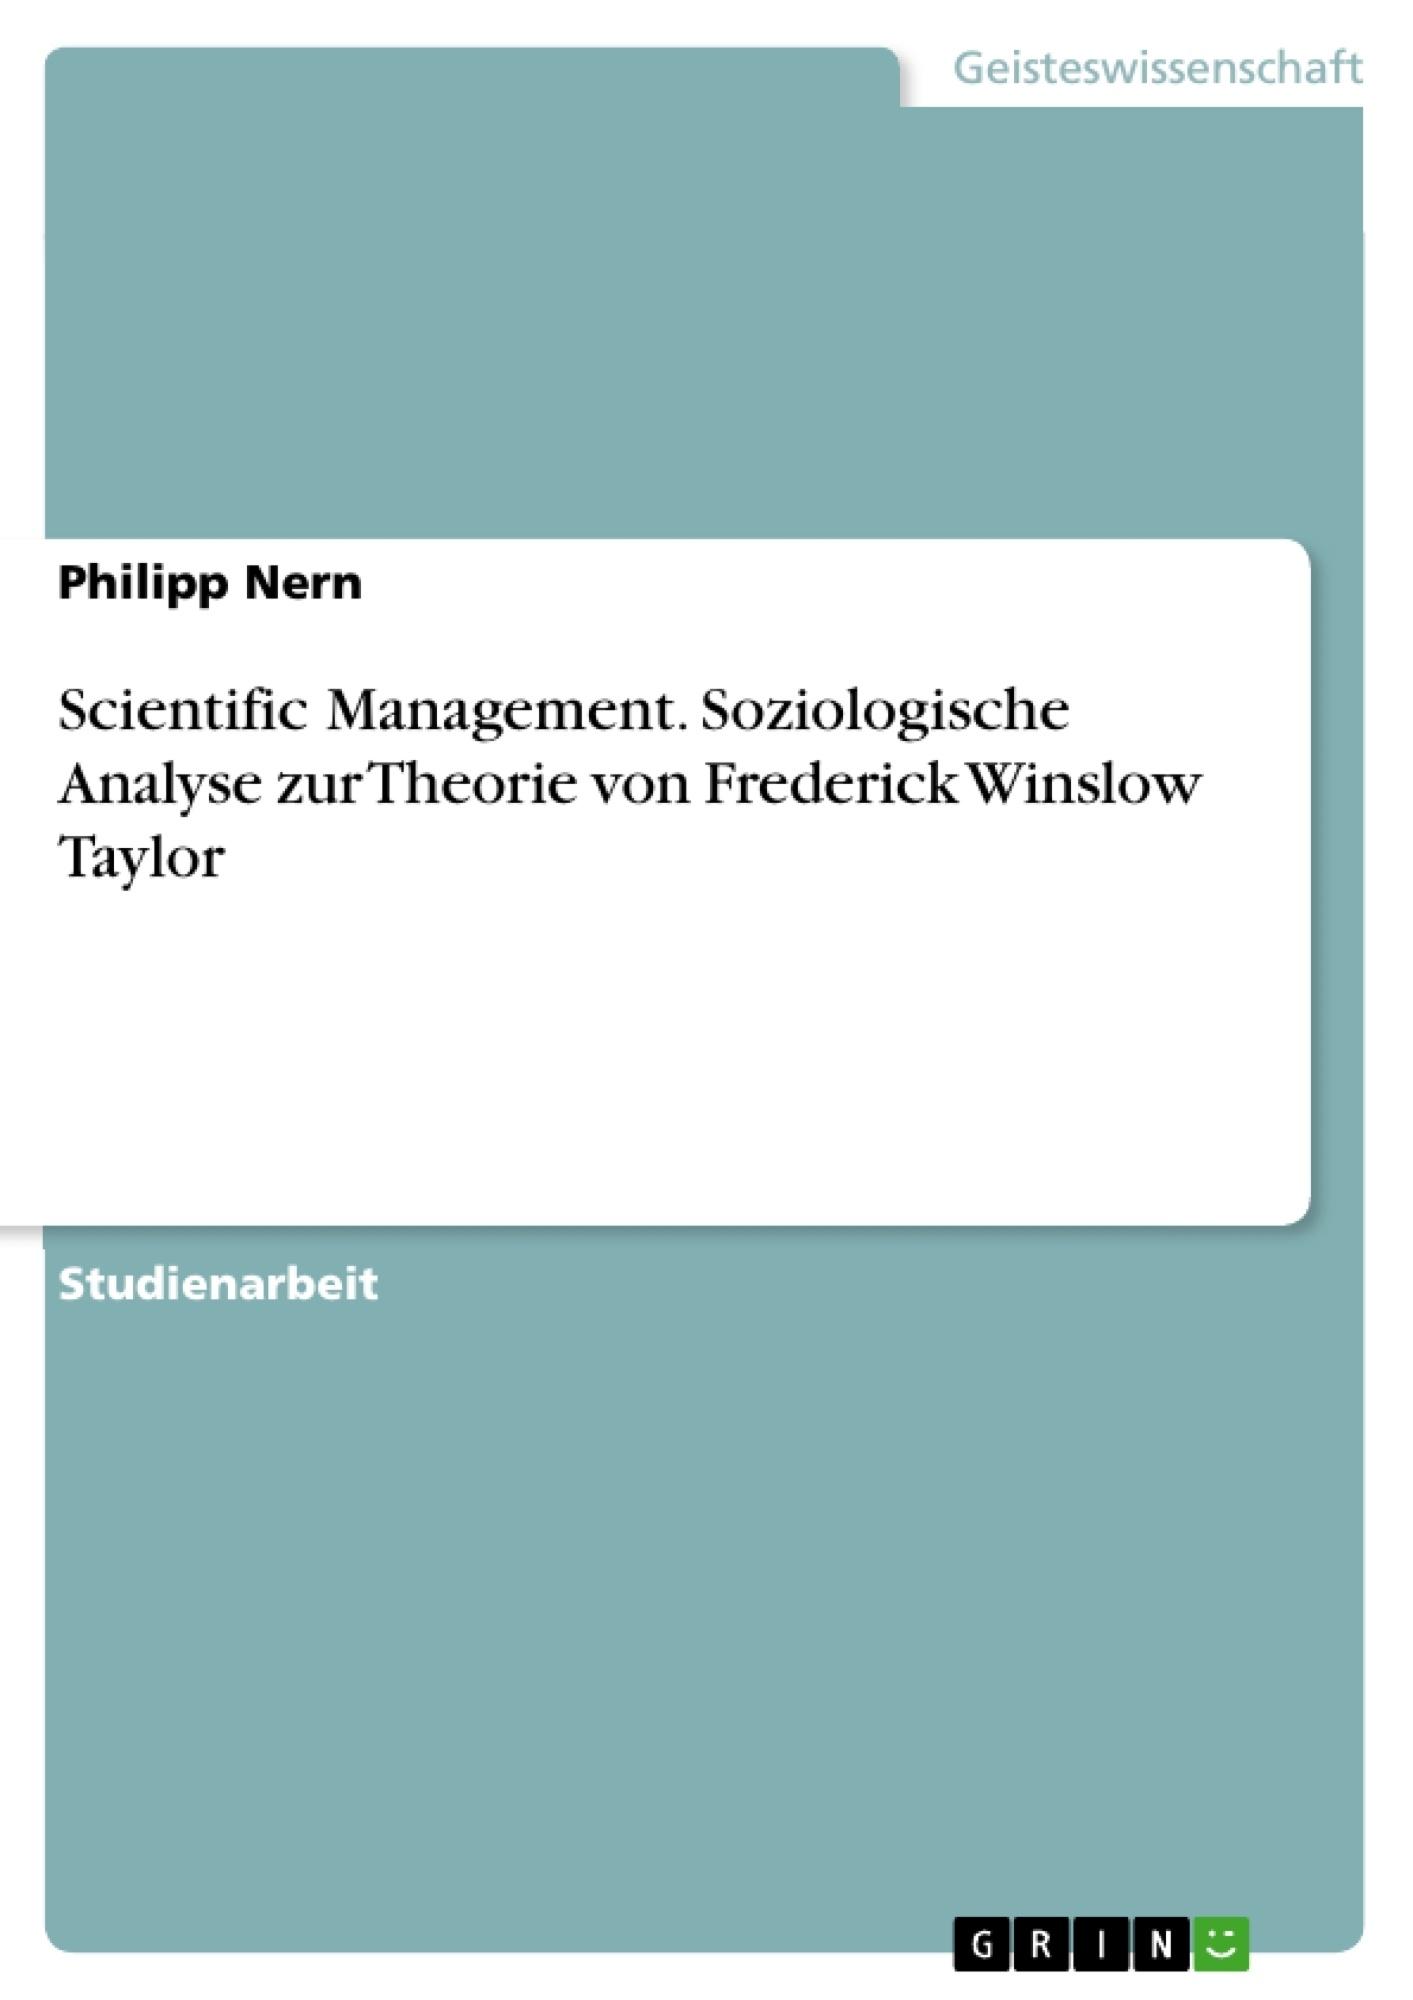 Titel: Scientific Management. Soziologische Analyse zur Theorie von Frederick Winslow Taylor